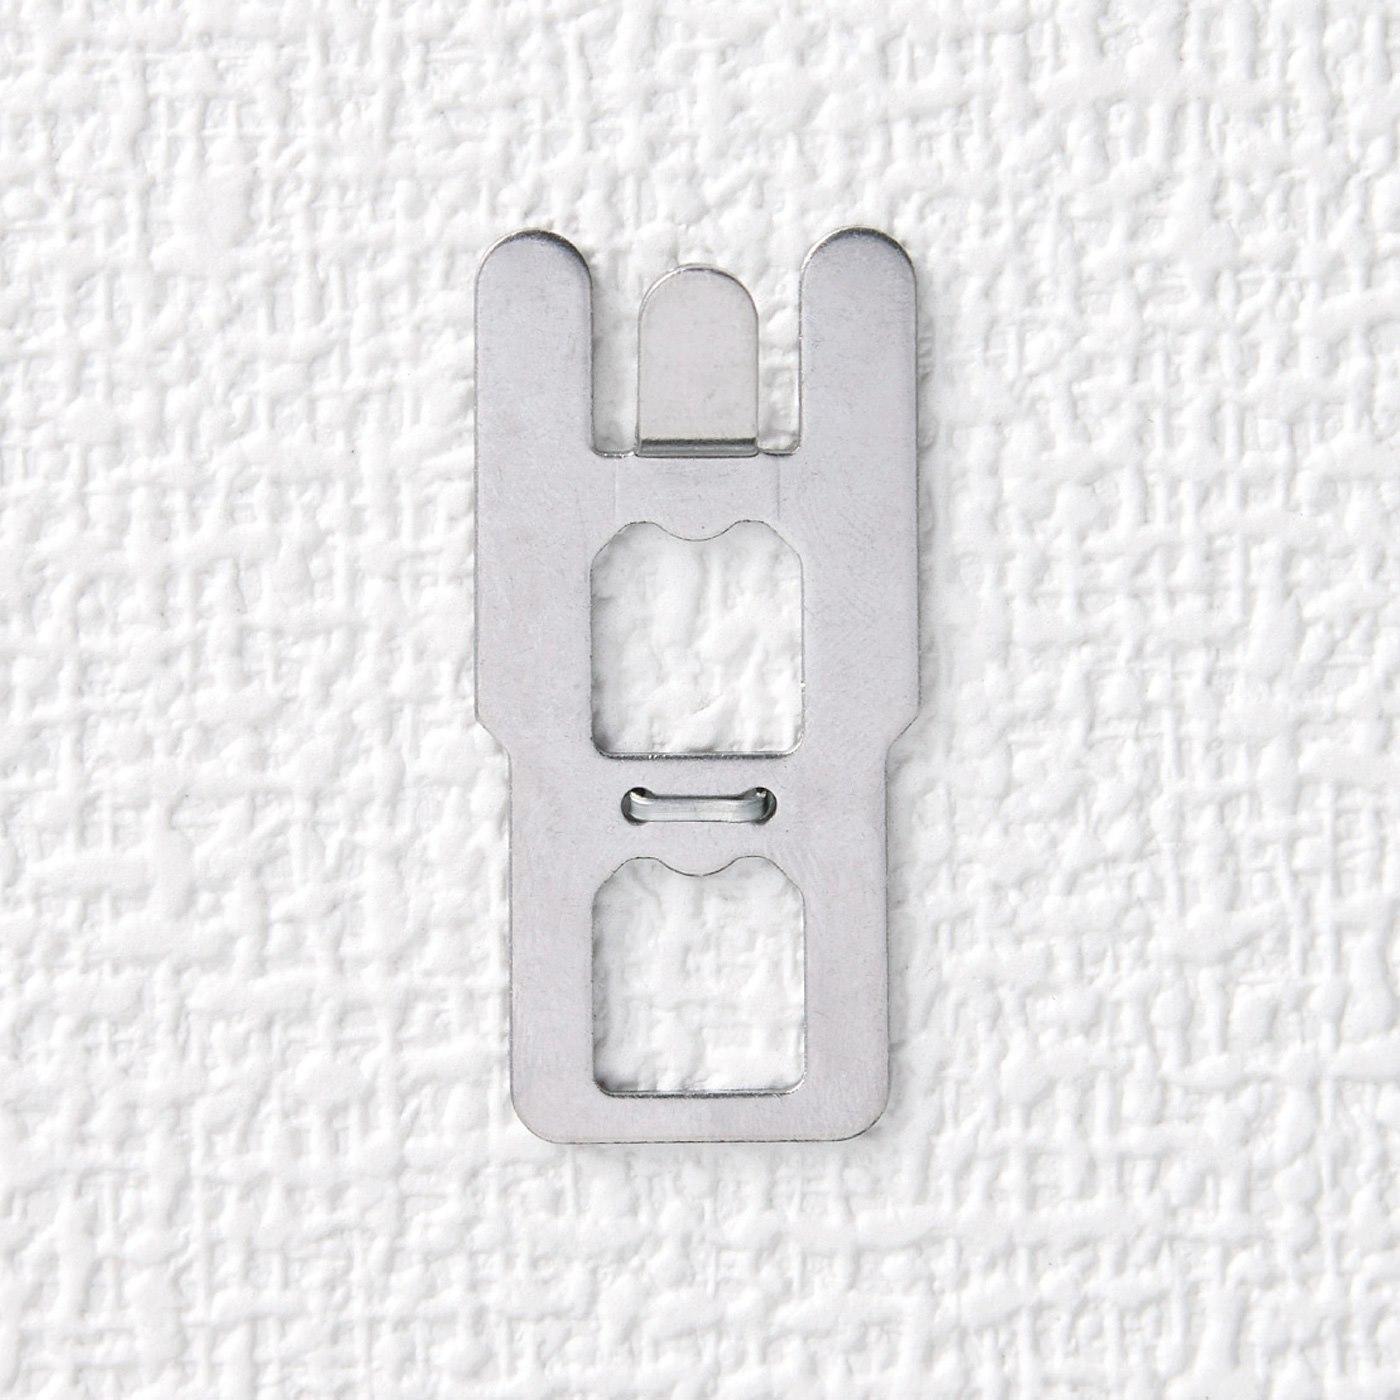 1.石こうボードの壁に固定ピンを押し込んで、受け金具を固定。